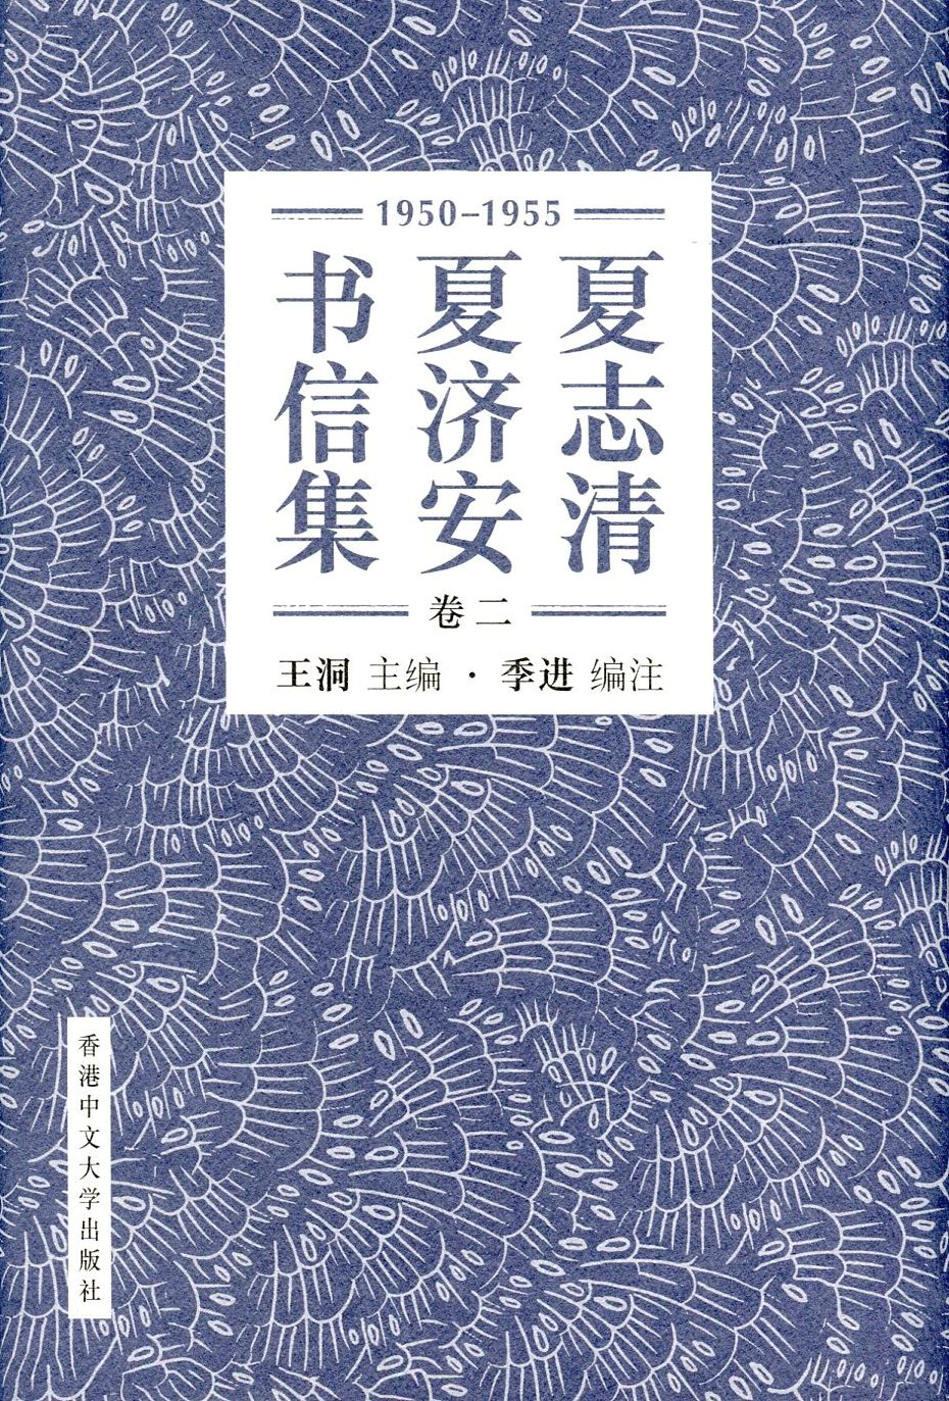 夏志清夏濟安書信集 (卷二:1950-1955) (簡體書) (精裝)